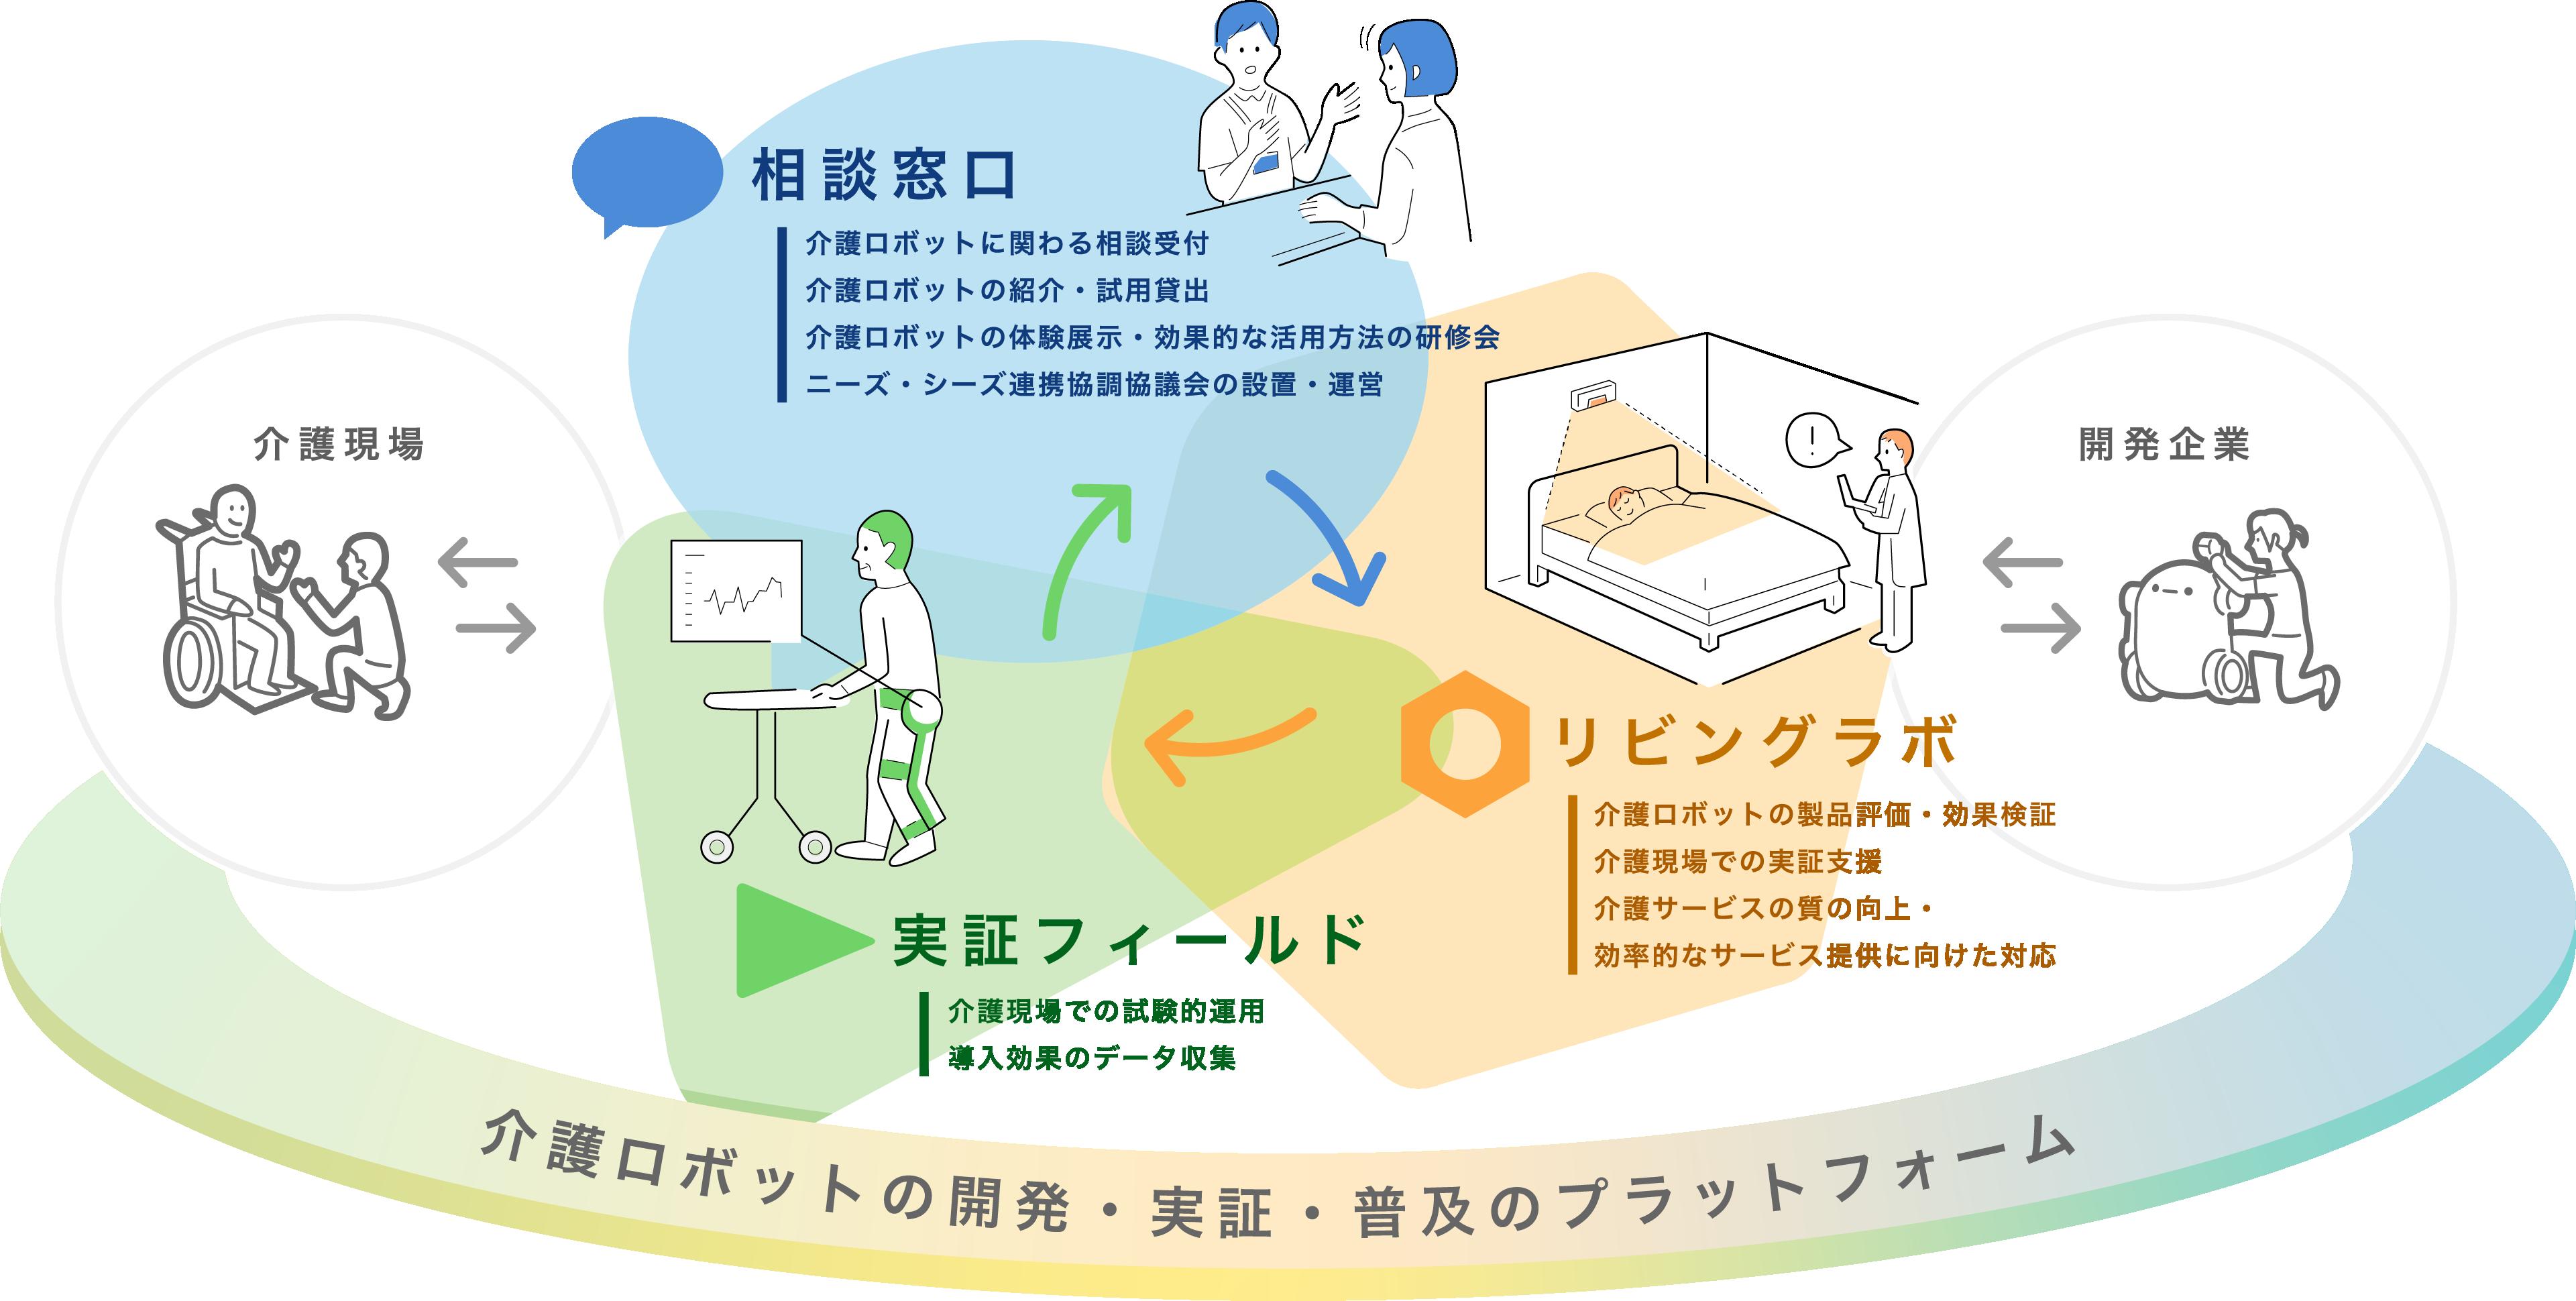 プラットフォーム図